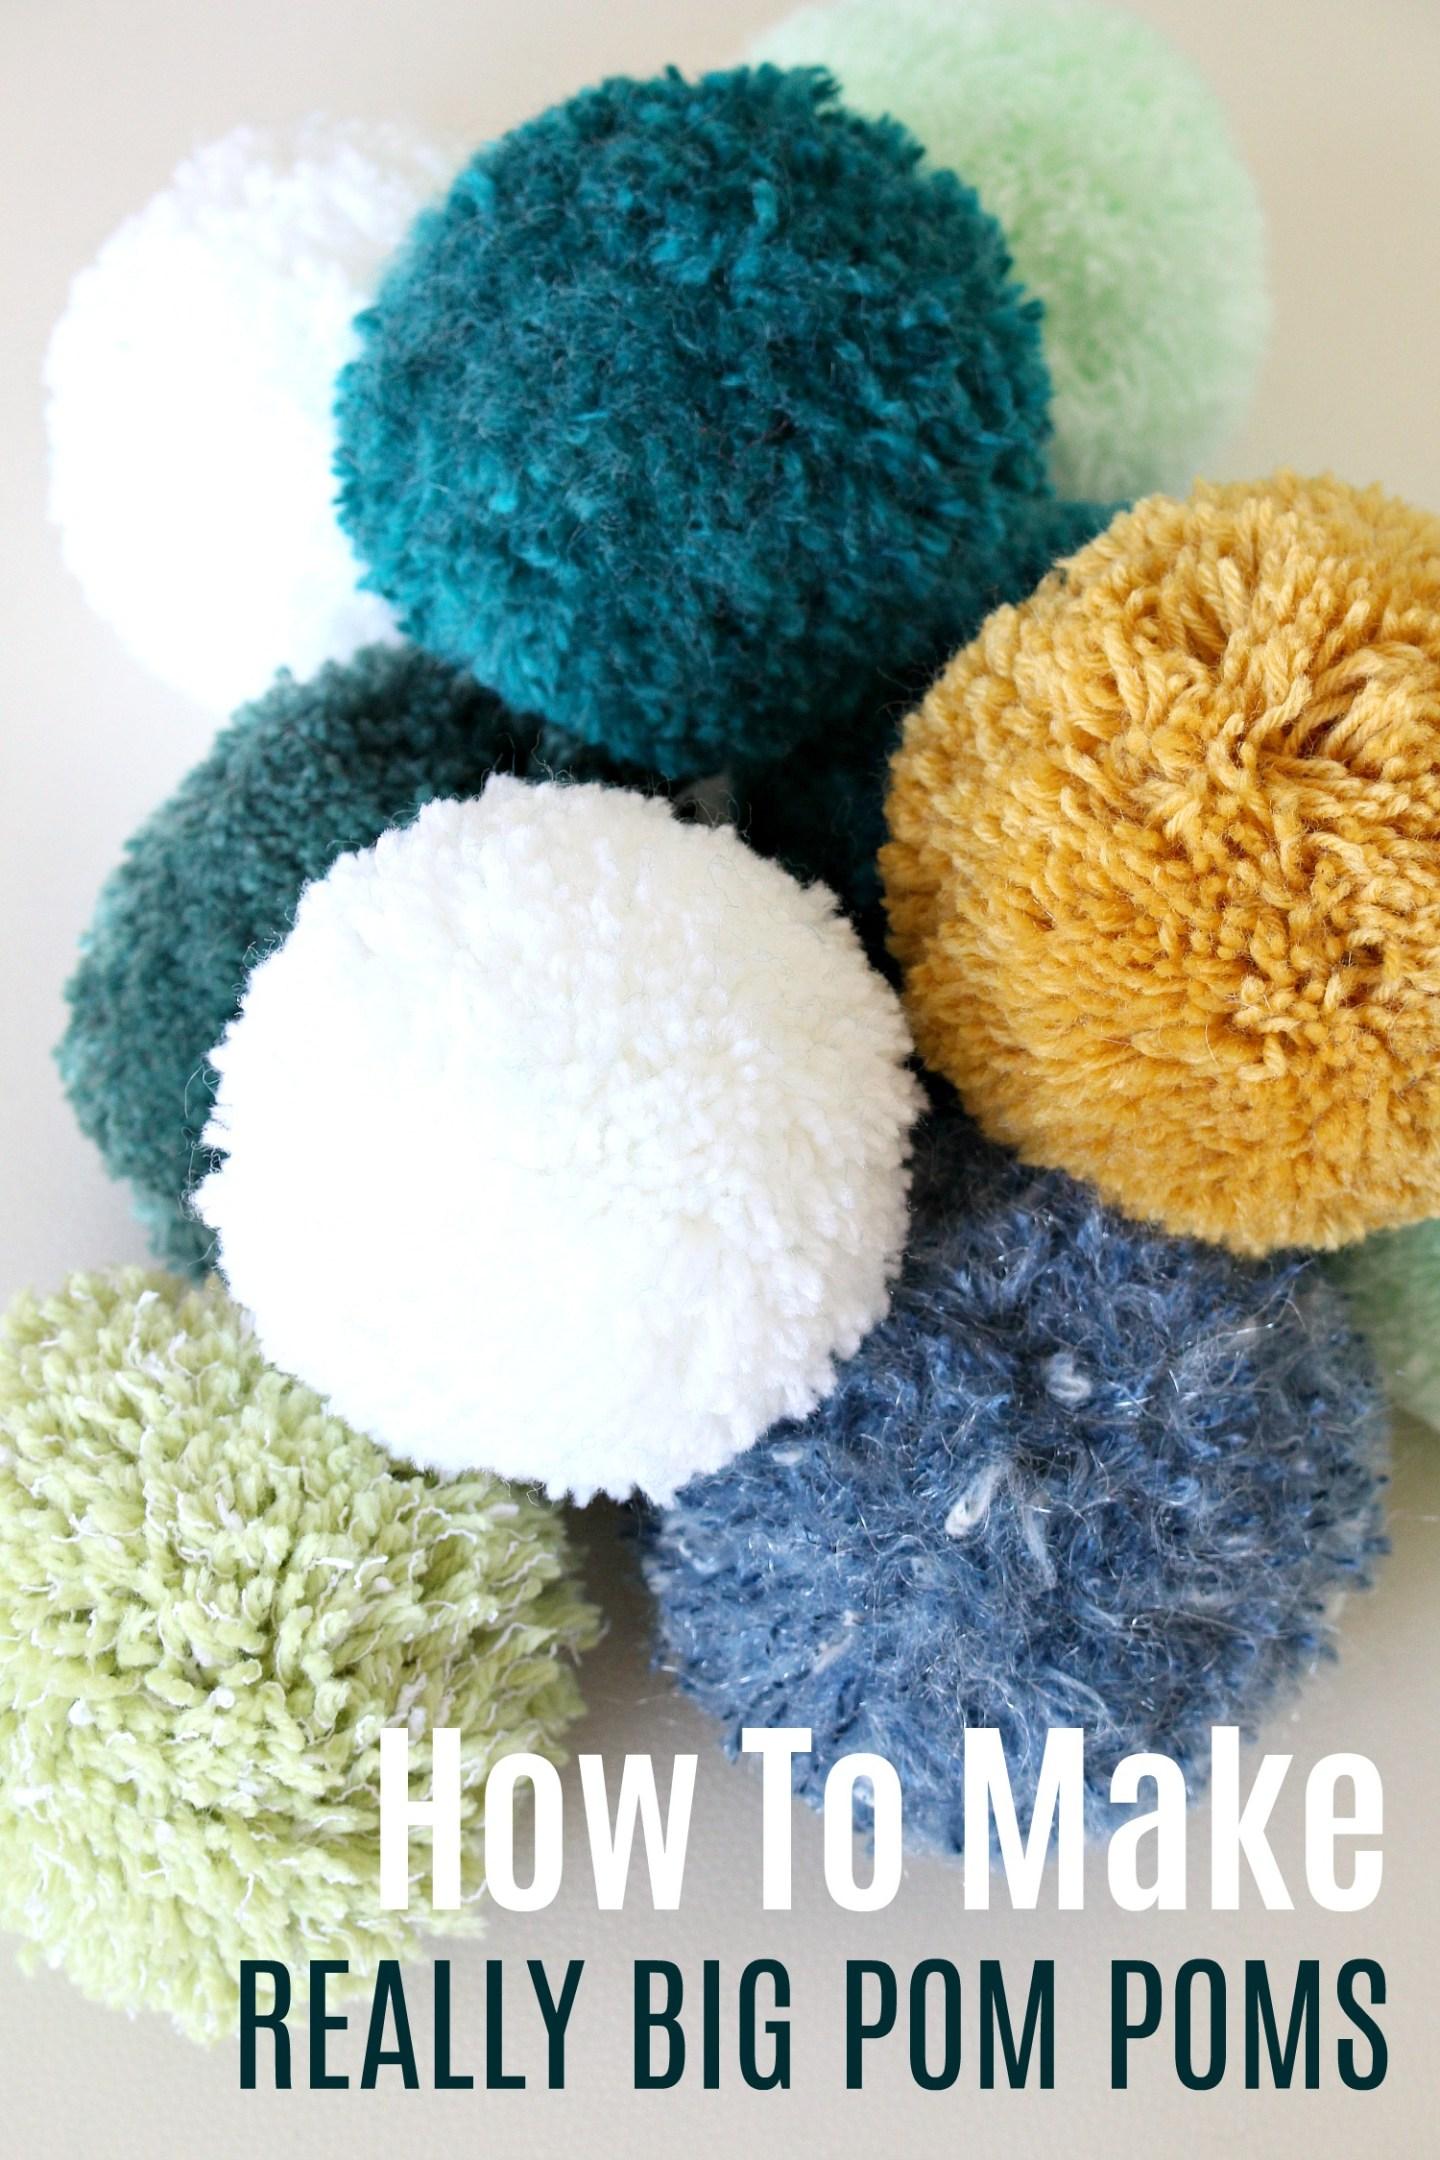 DIY Pom Pom Tutorial - How to Make Really Big Pom Poms